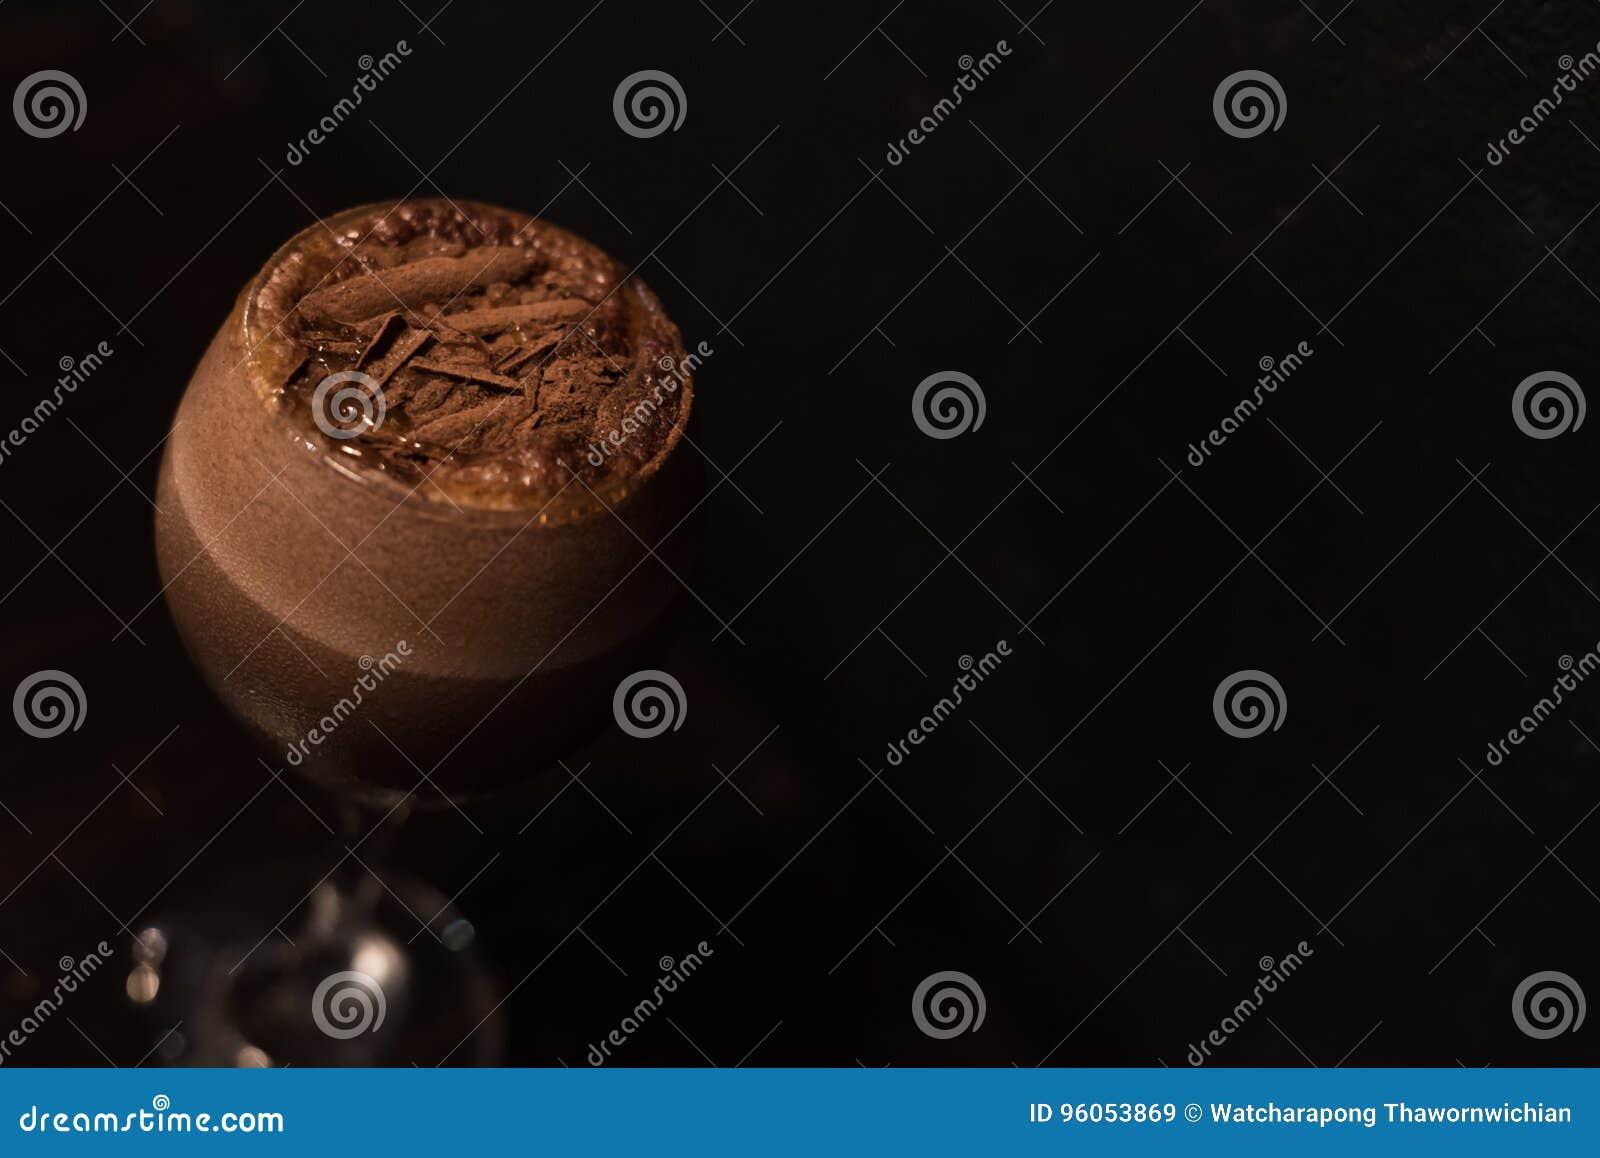 Glas des Schokoladen- oder Kaffeecocktails in der zurückhaltenden Beleuchtung